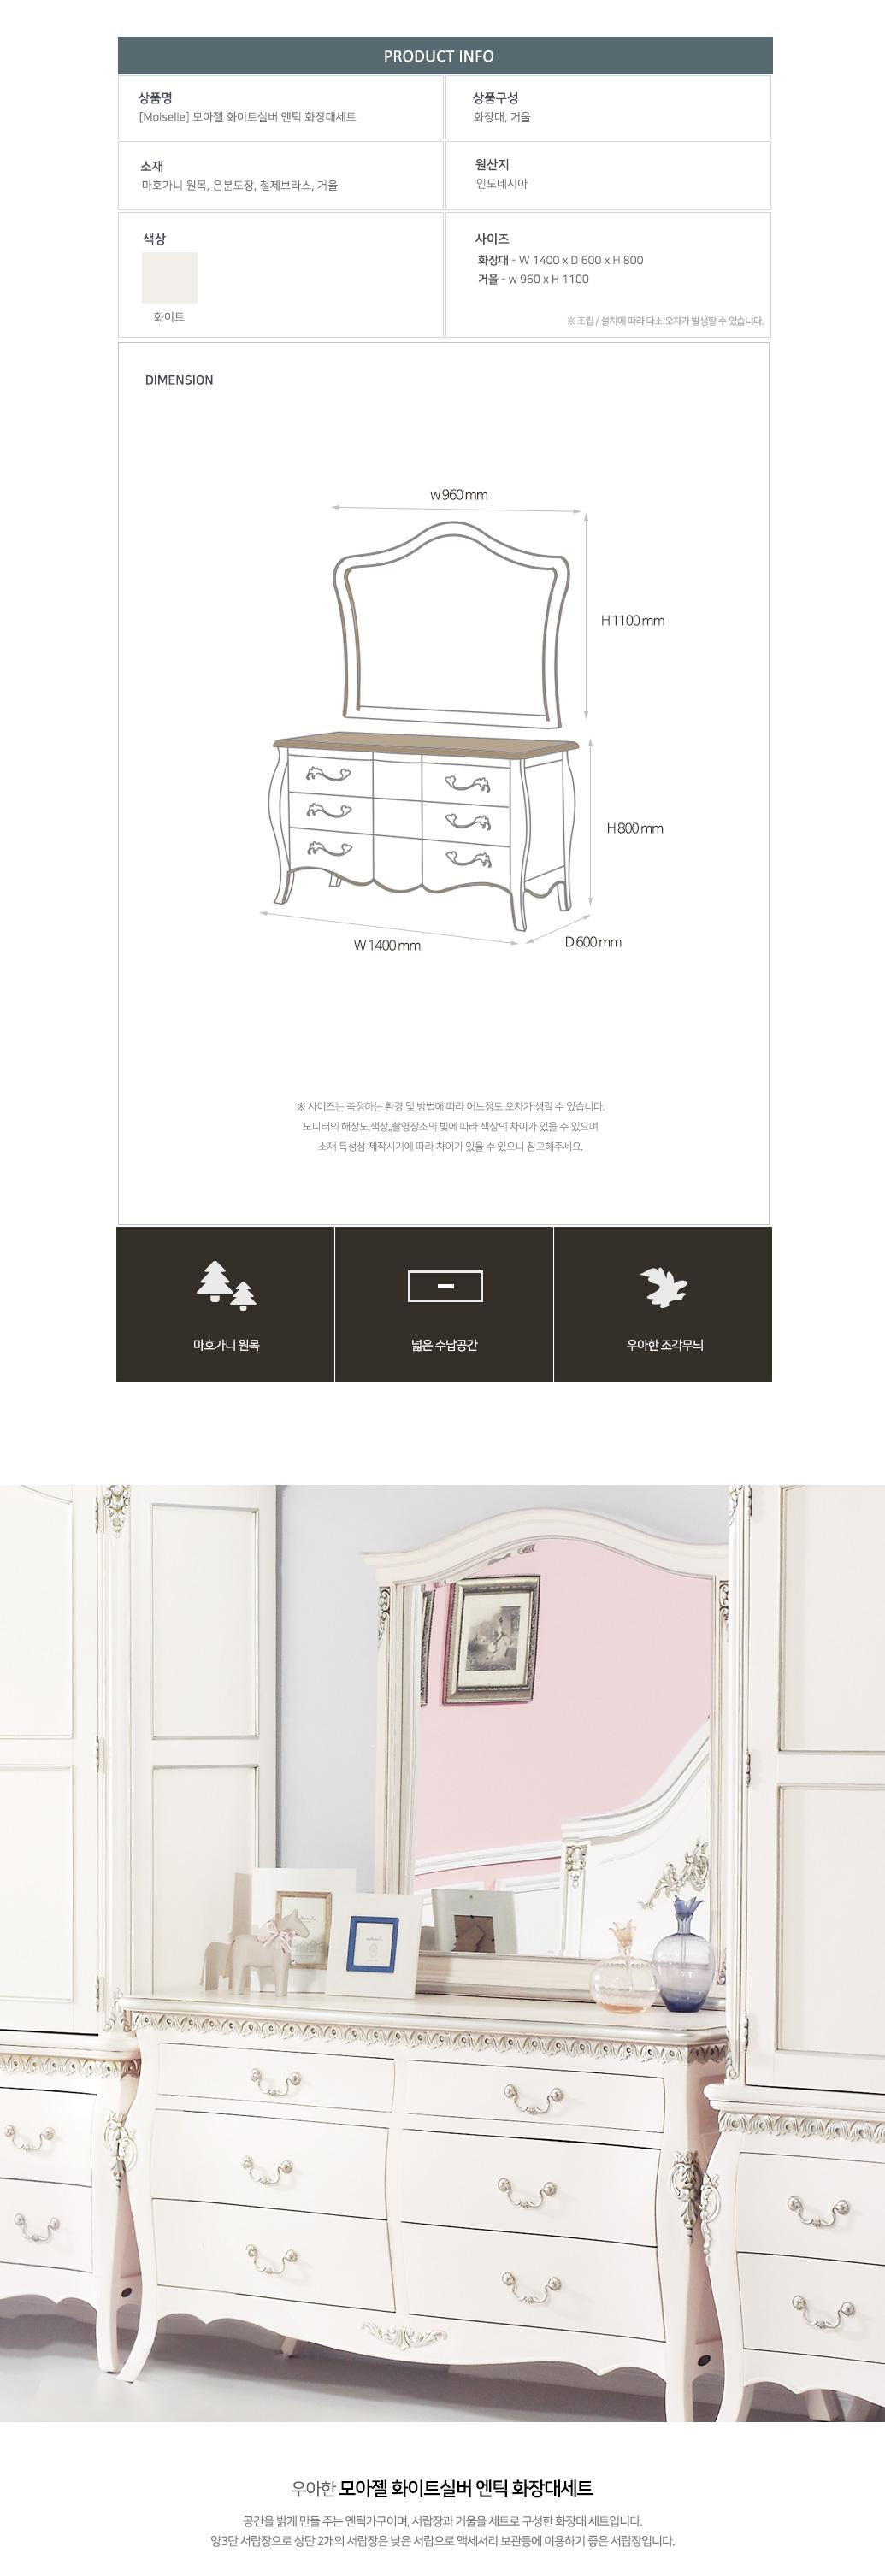 moiselle-entic-dressing-table_02.jpg